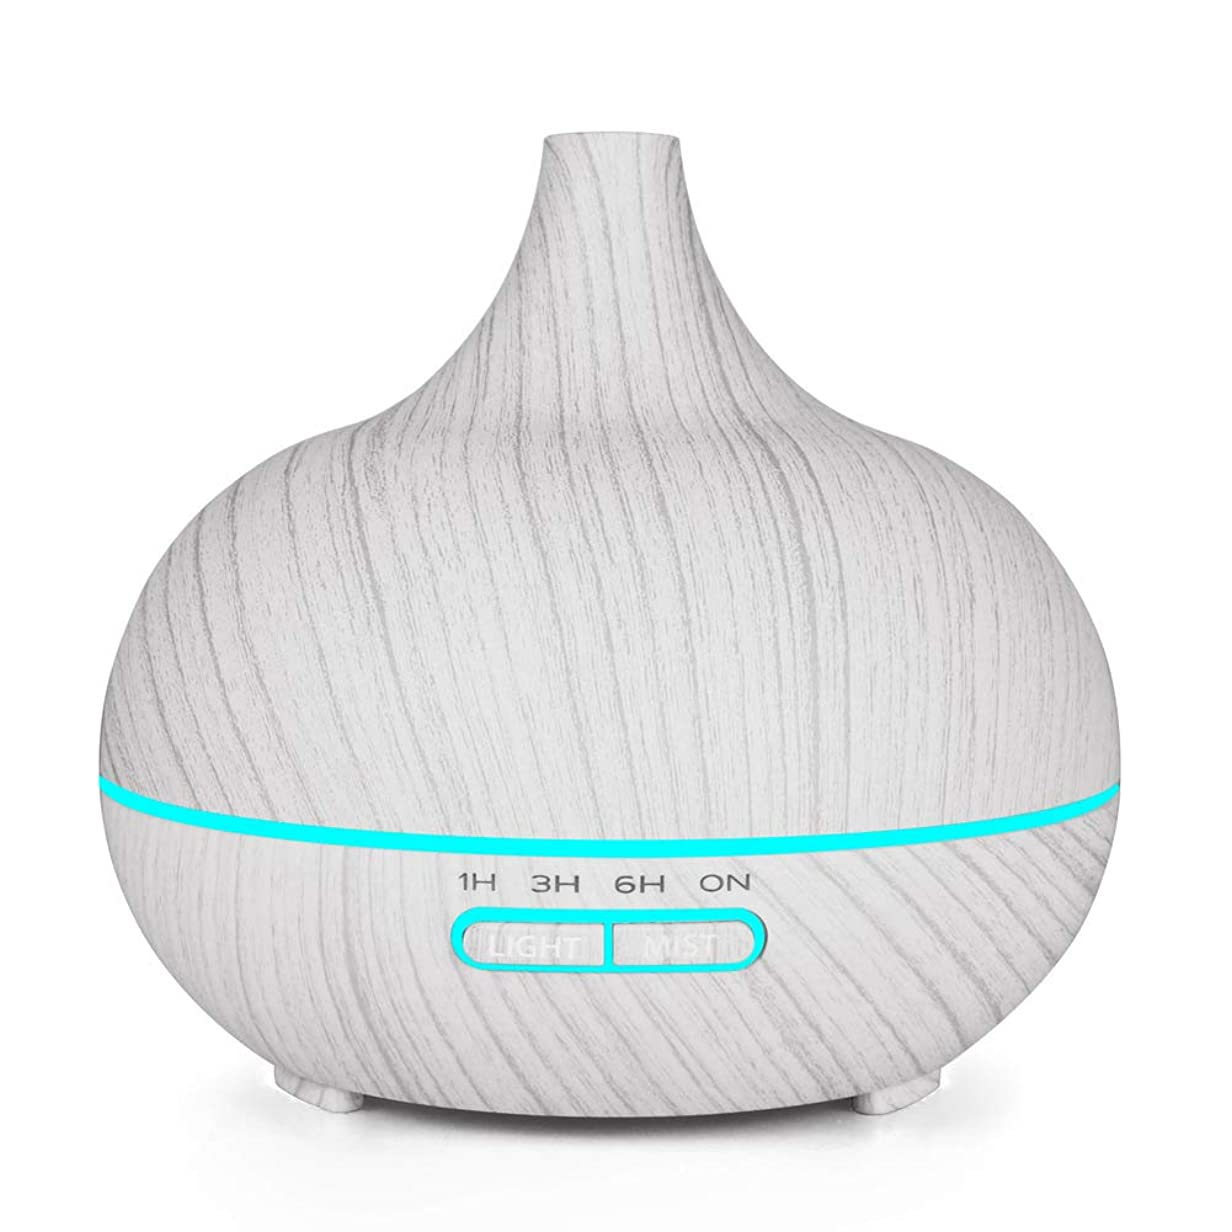 クリーム不定ハーブ木目 涼しい霧 加湿器,7 色 空気を浄化 加湿機 時間 手動 香り 精油 ディフューザー アロマネブライザー Yoga ベッド- 400ml